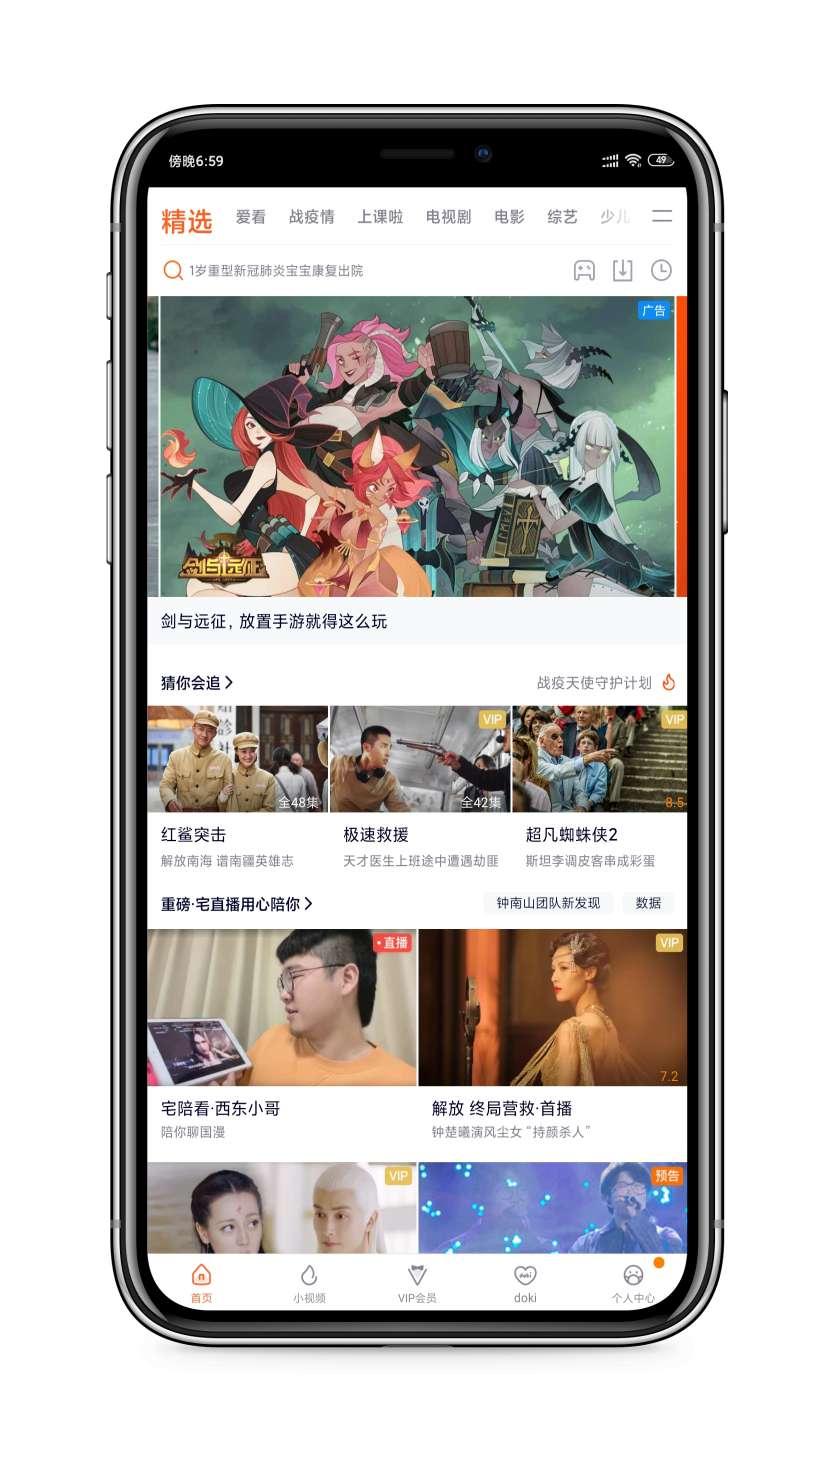 【资源分享】腾讯视频最新版去广告去升级-爱小助